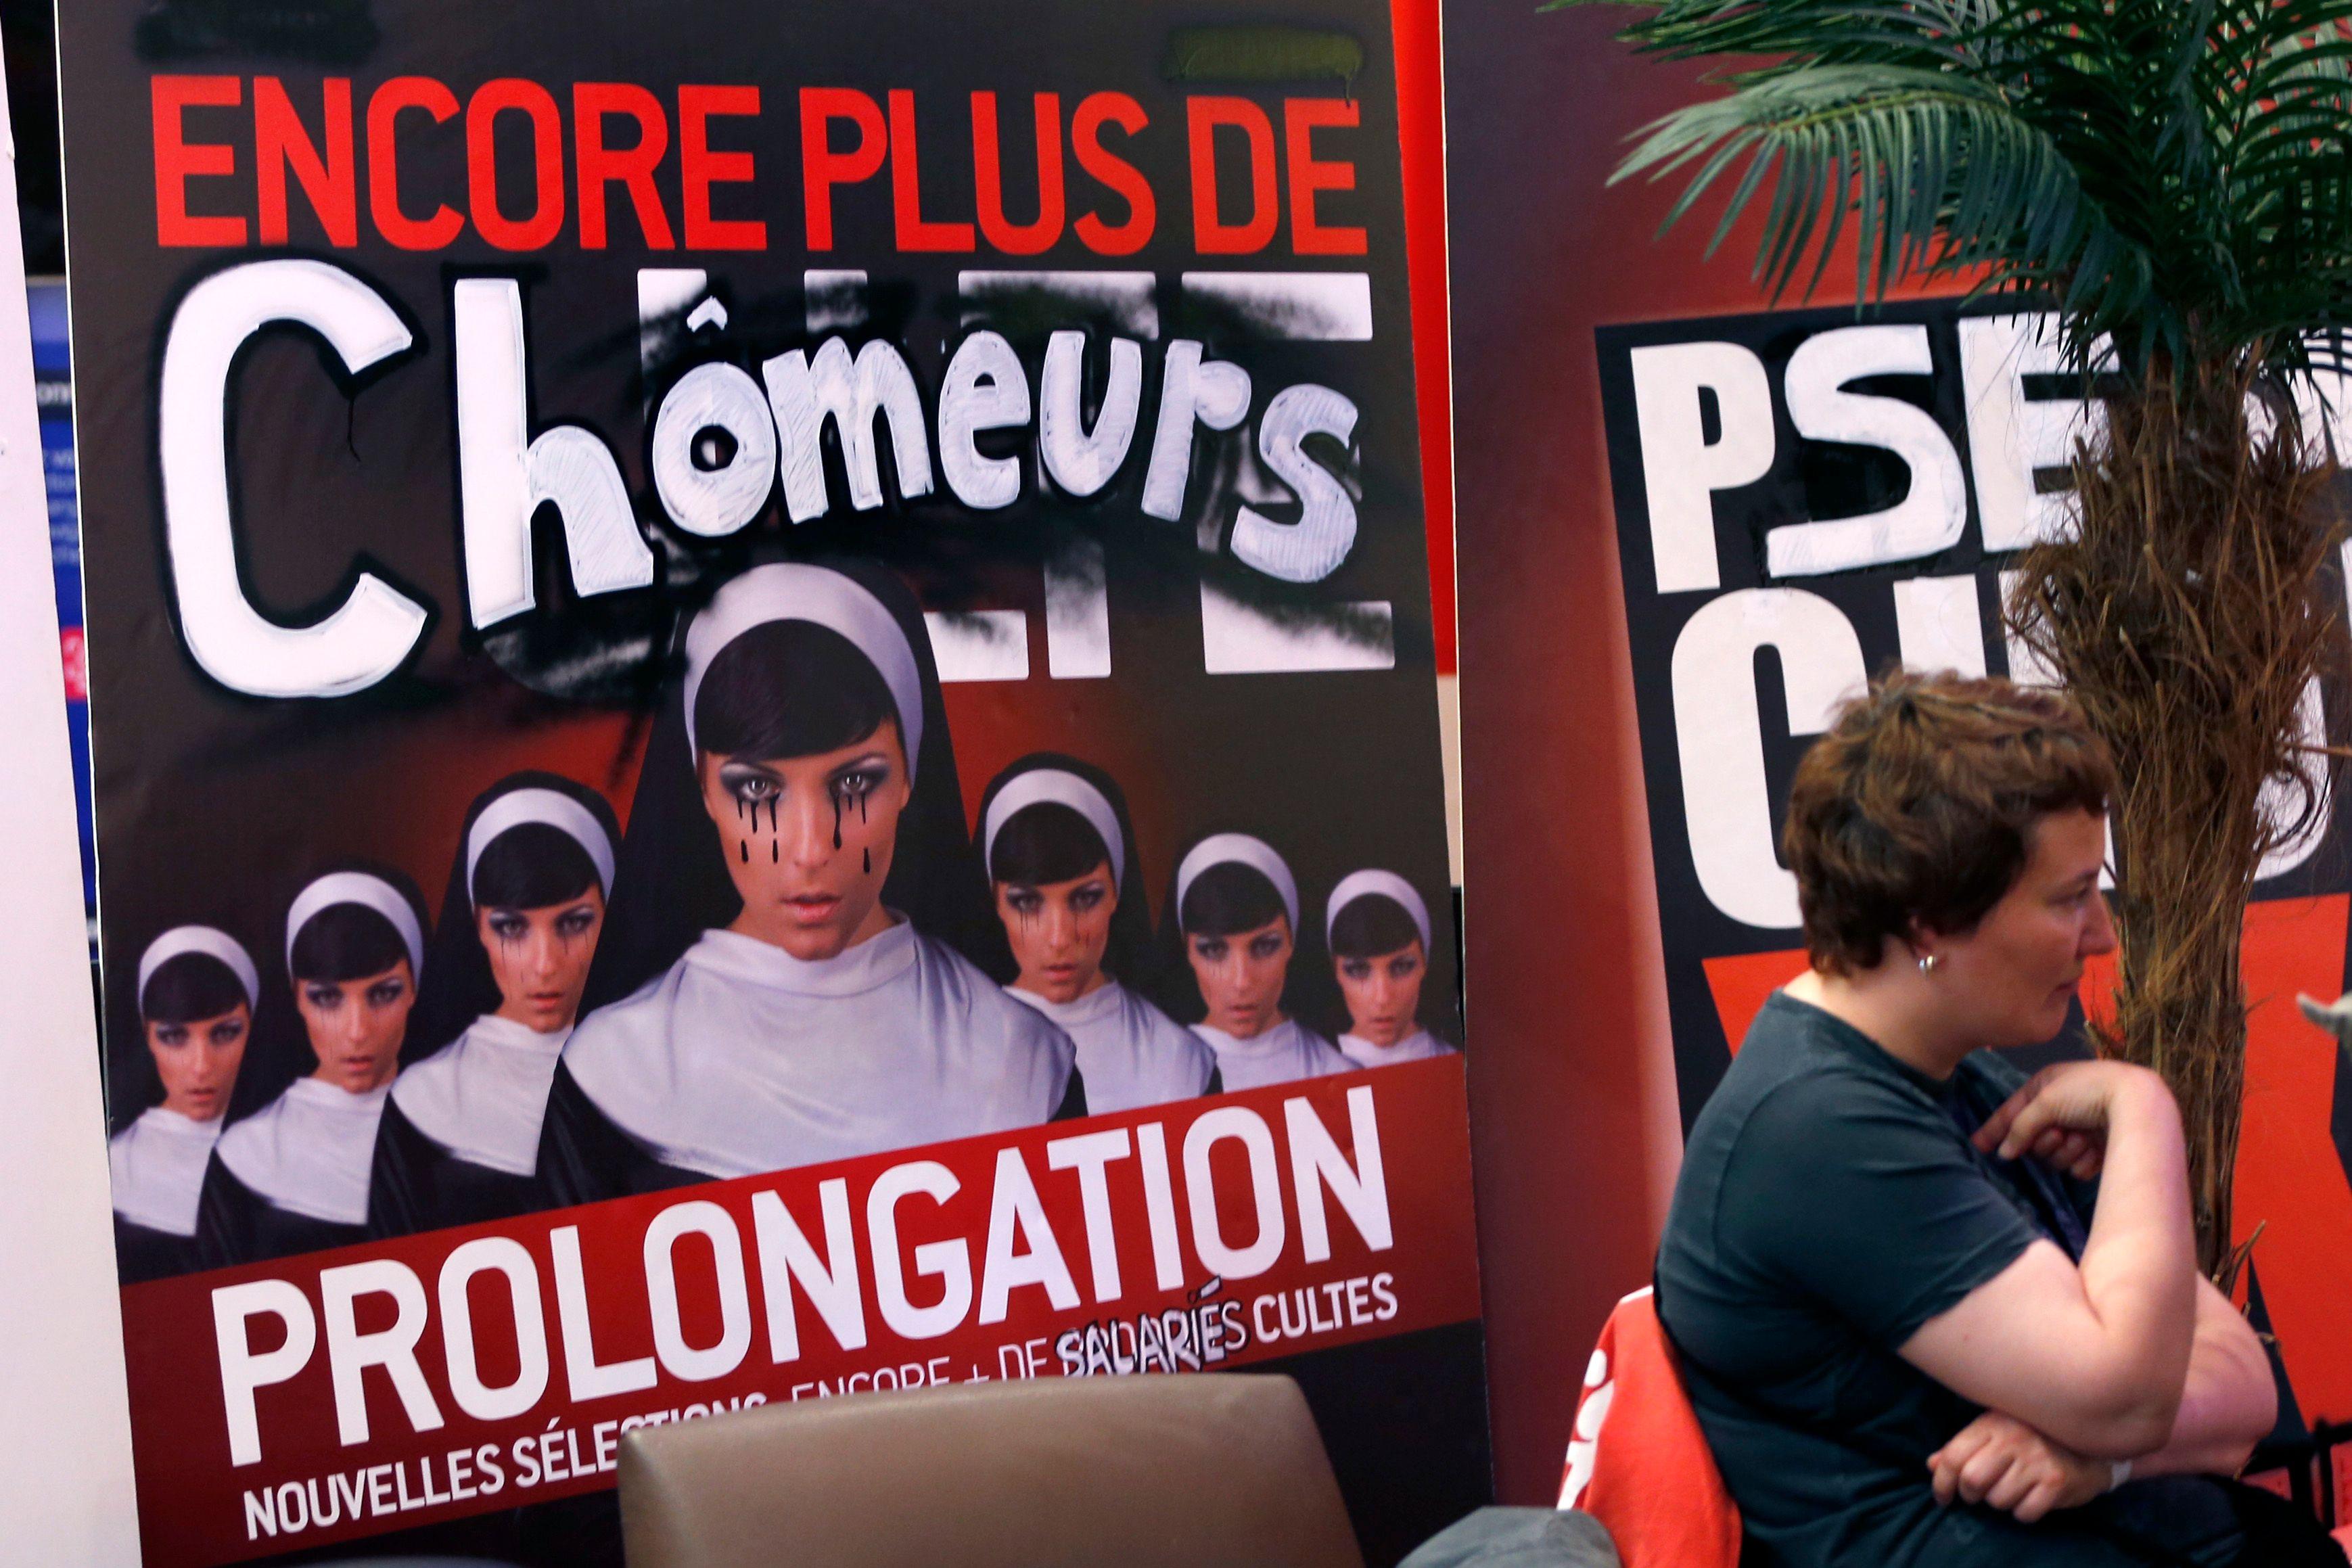 Le chômage progresse toujours en France